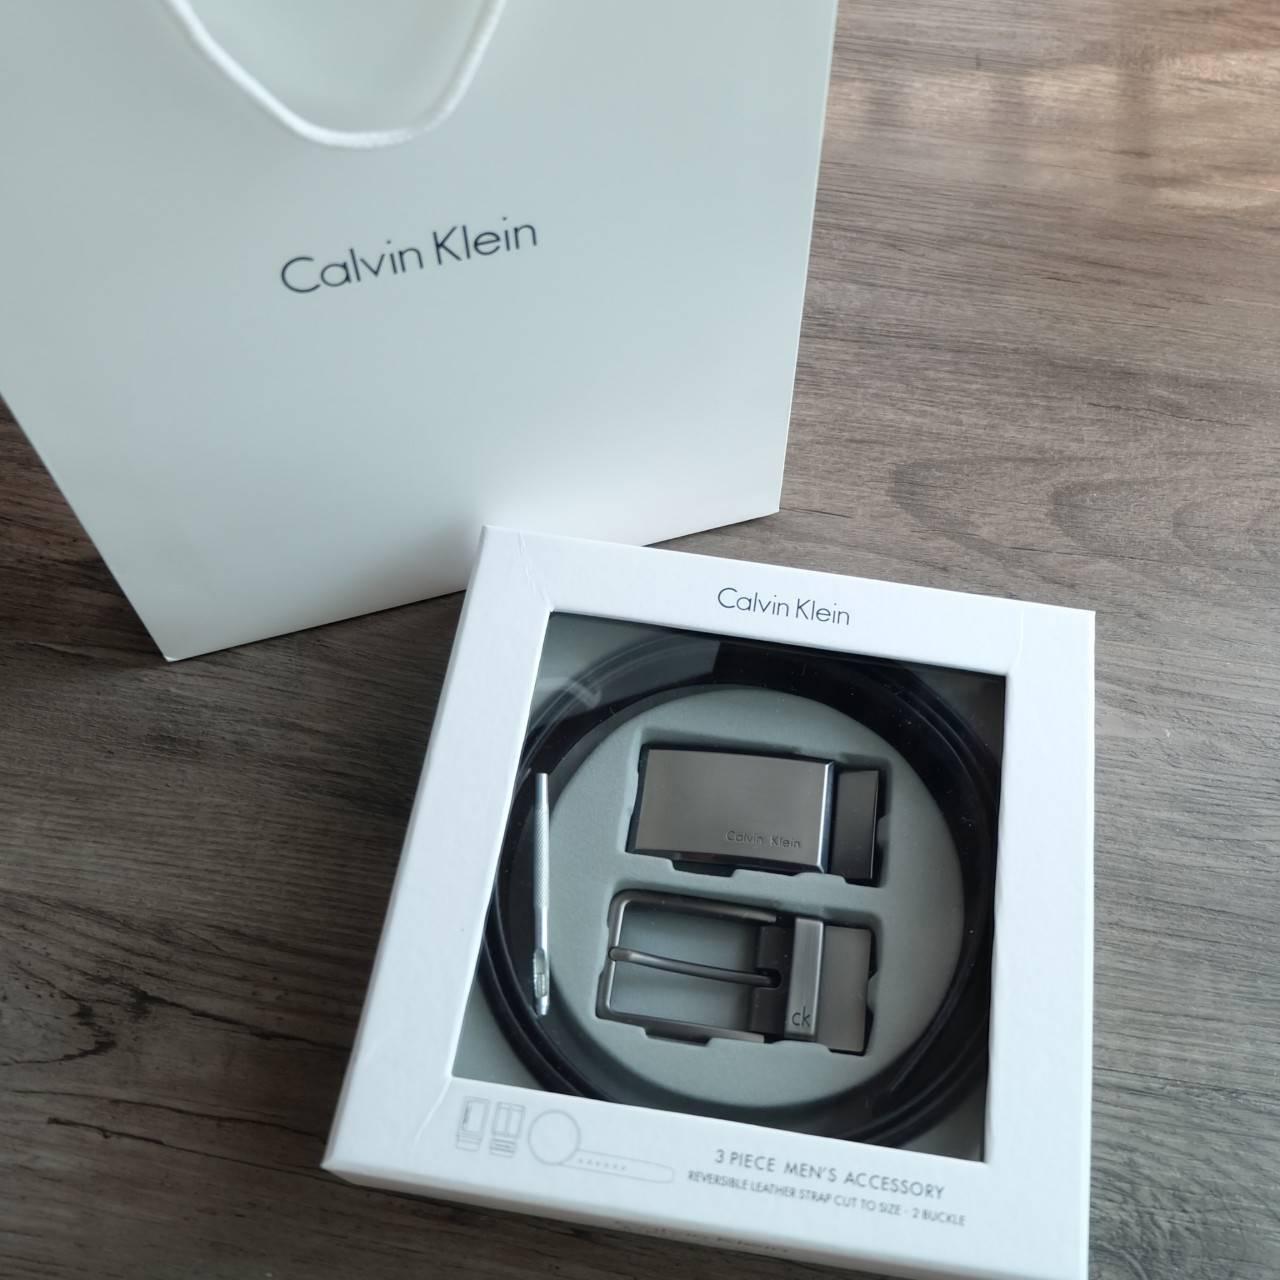 Calvin Klein Belt and Buckle Set (No.09)